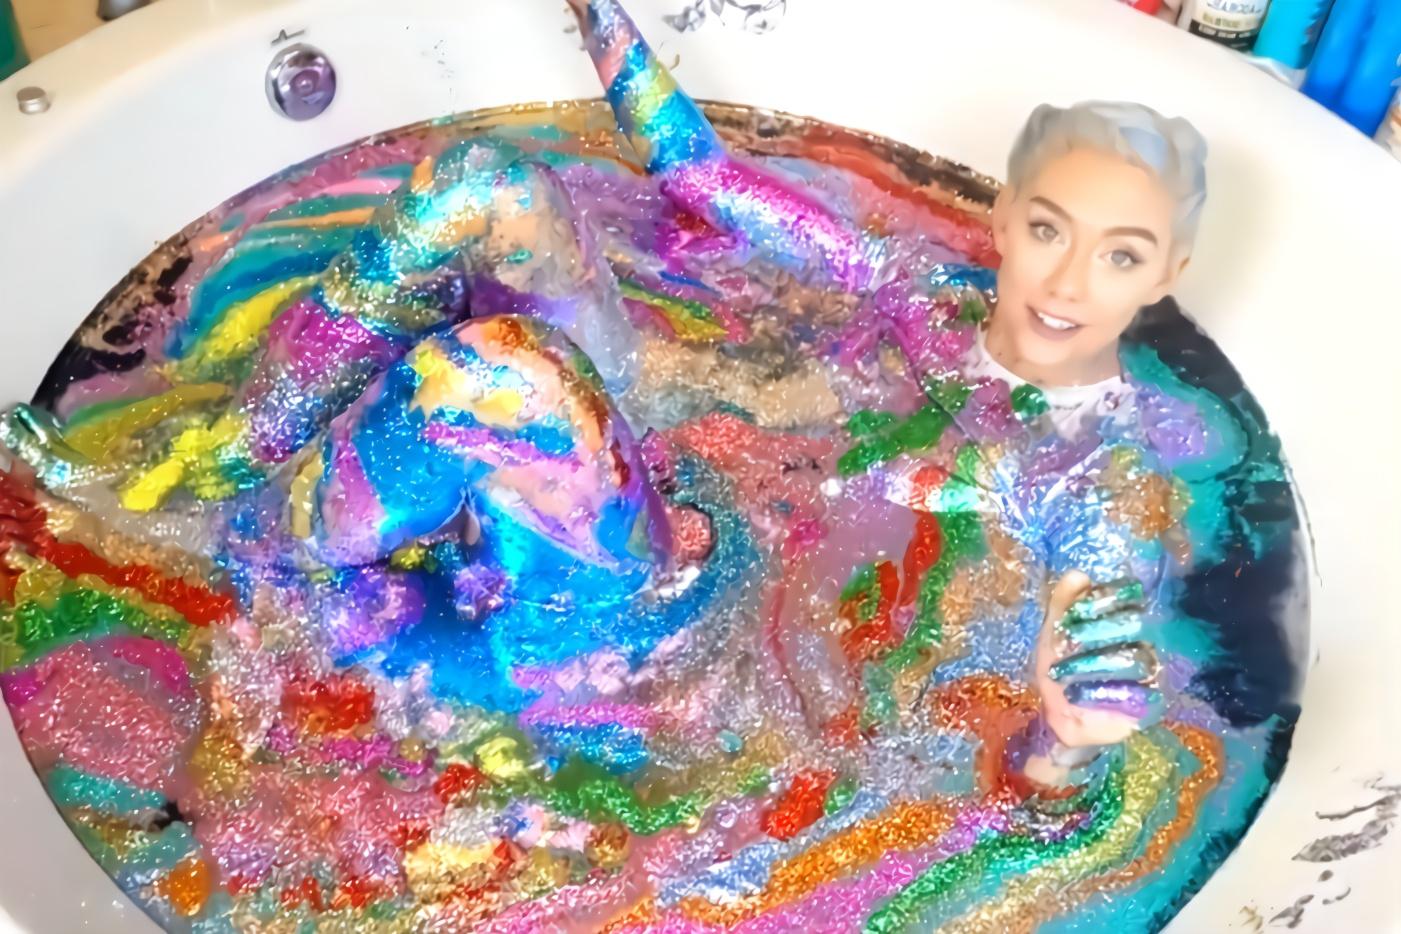 美女在50瓶闪光粉中泡澡,画面美极了,网友:小姐姐很时髦